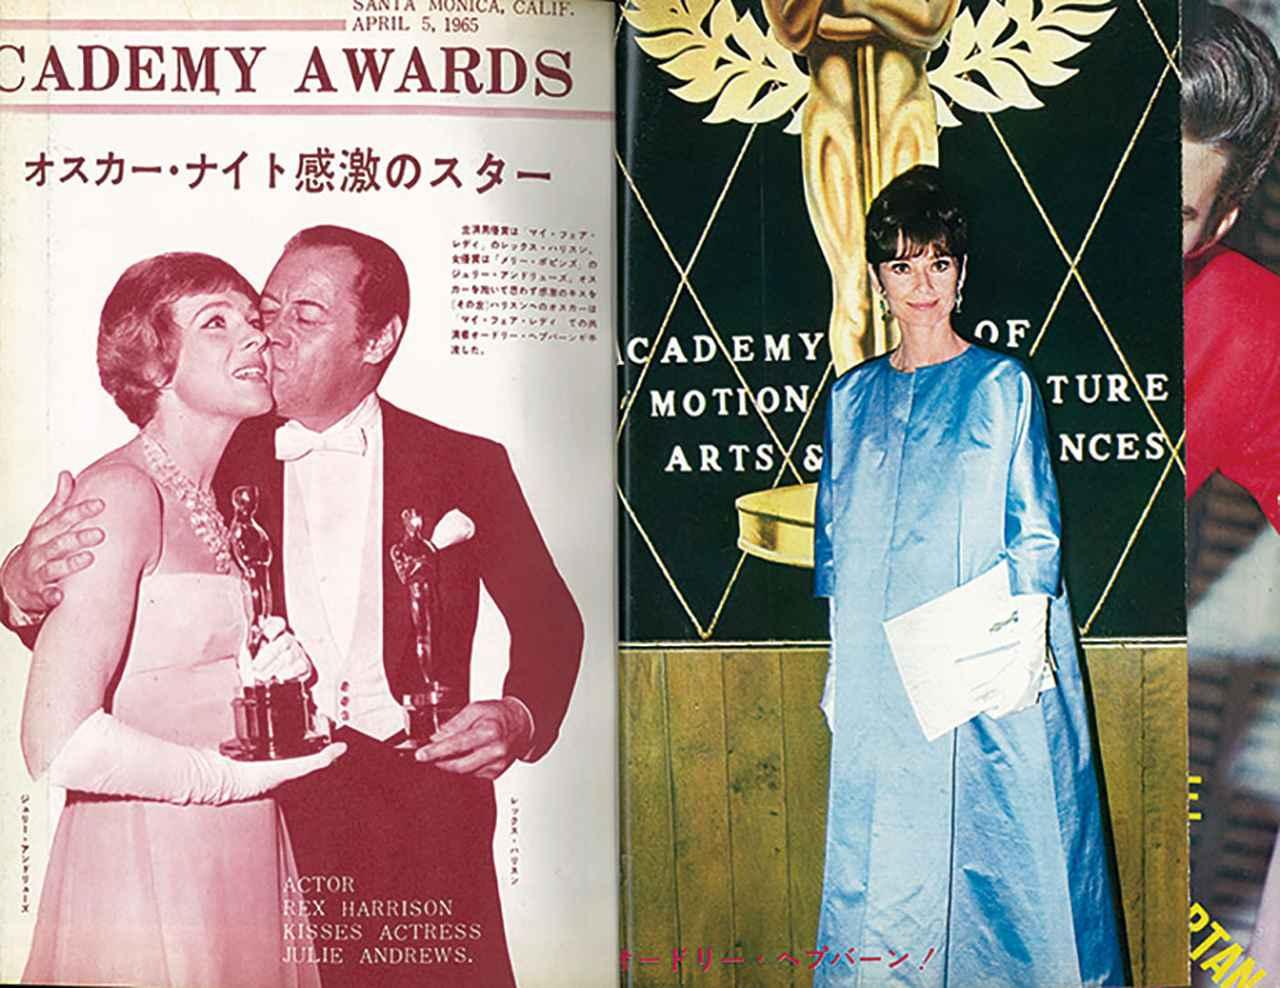 画像: ジュリー・アンドルーズのオスカー受賞を報じる65年6月号。オードリーも出席していたことが隣ページでわかる。